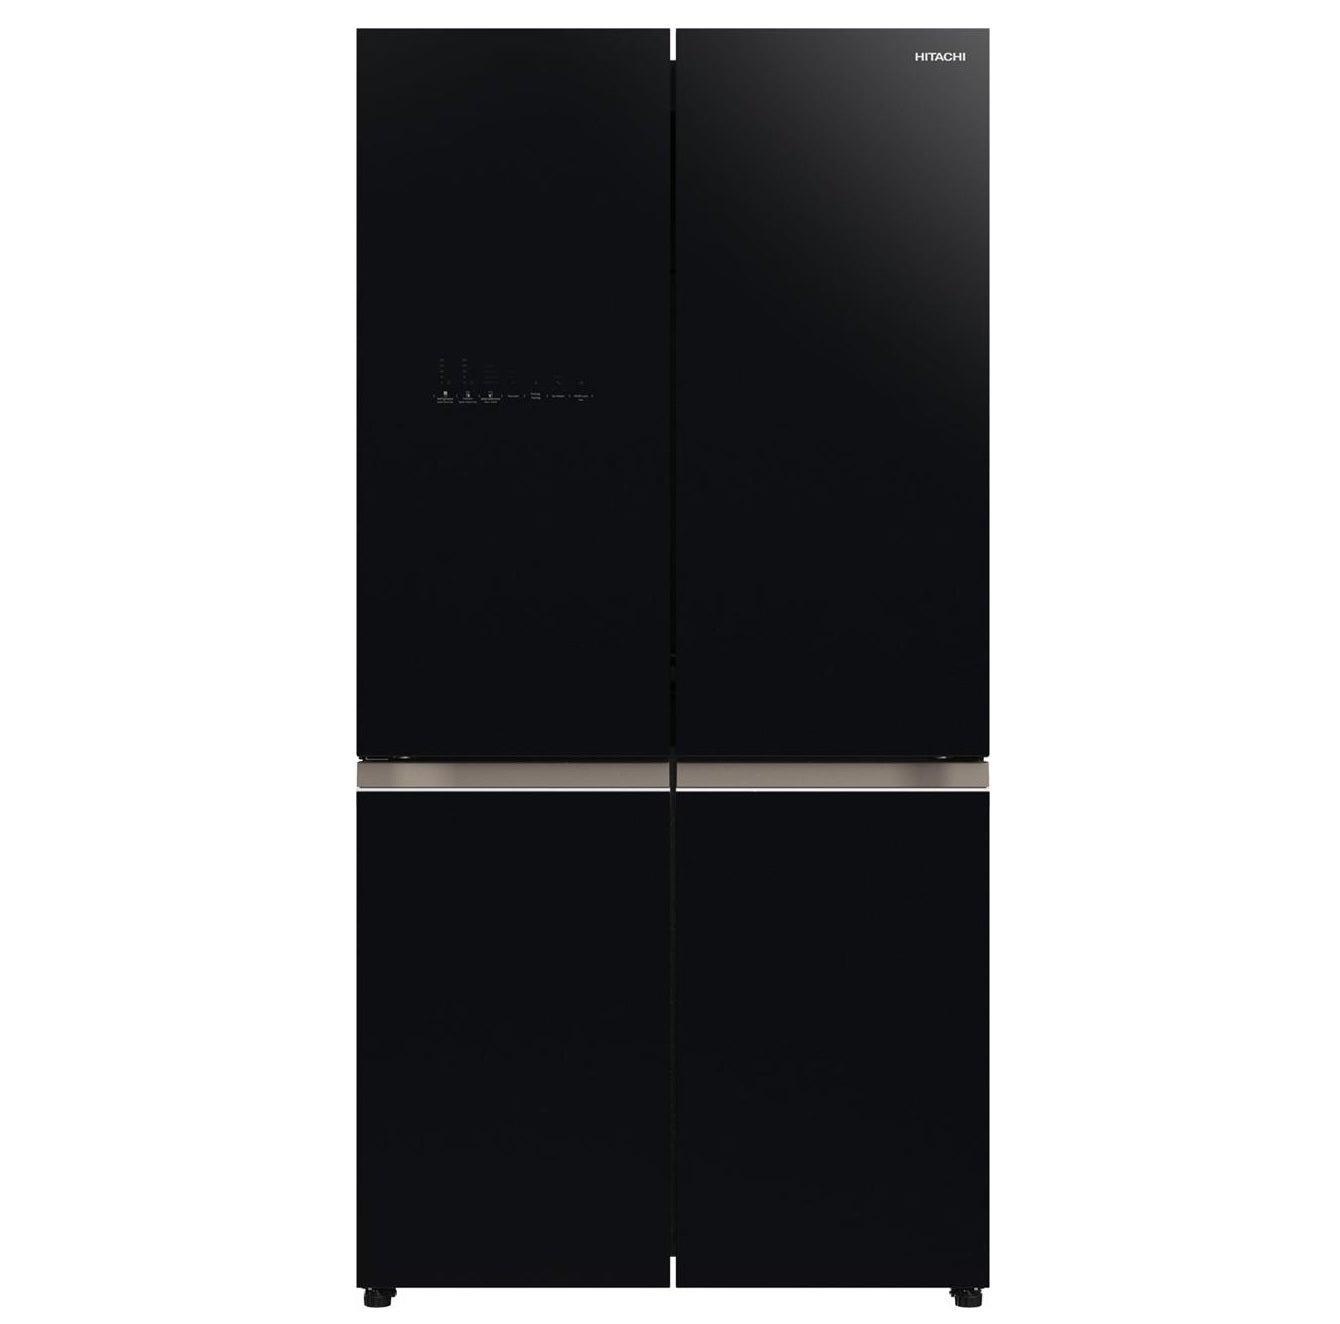 Hitachi R-WB640VT0 Refrigerator